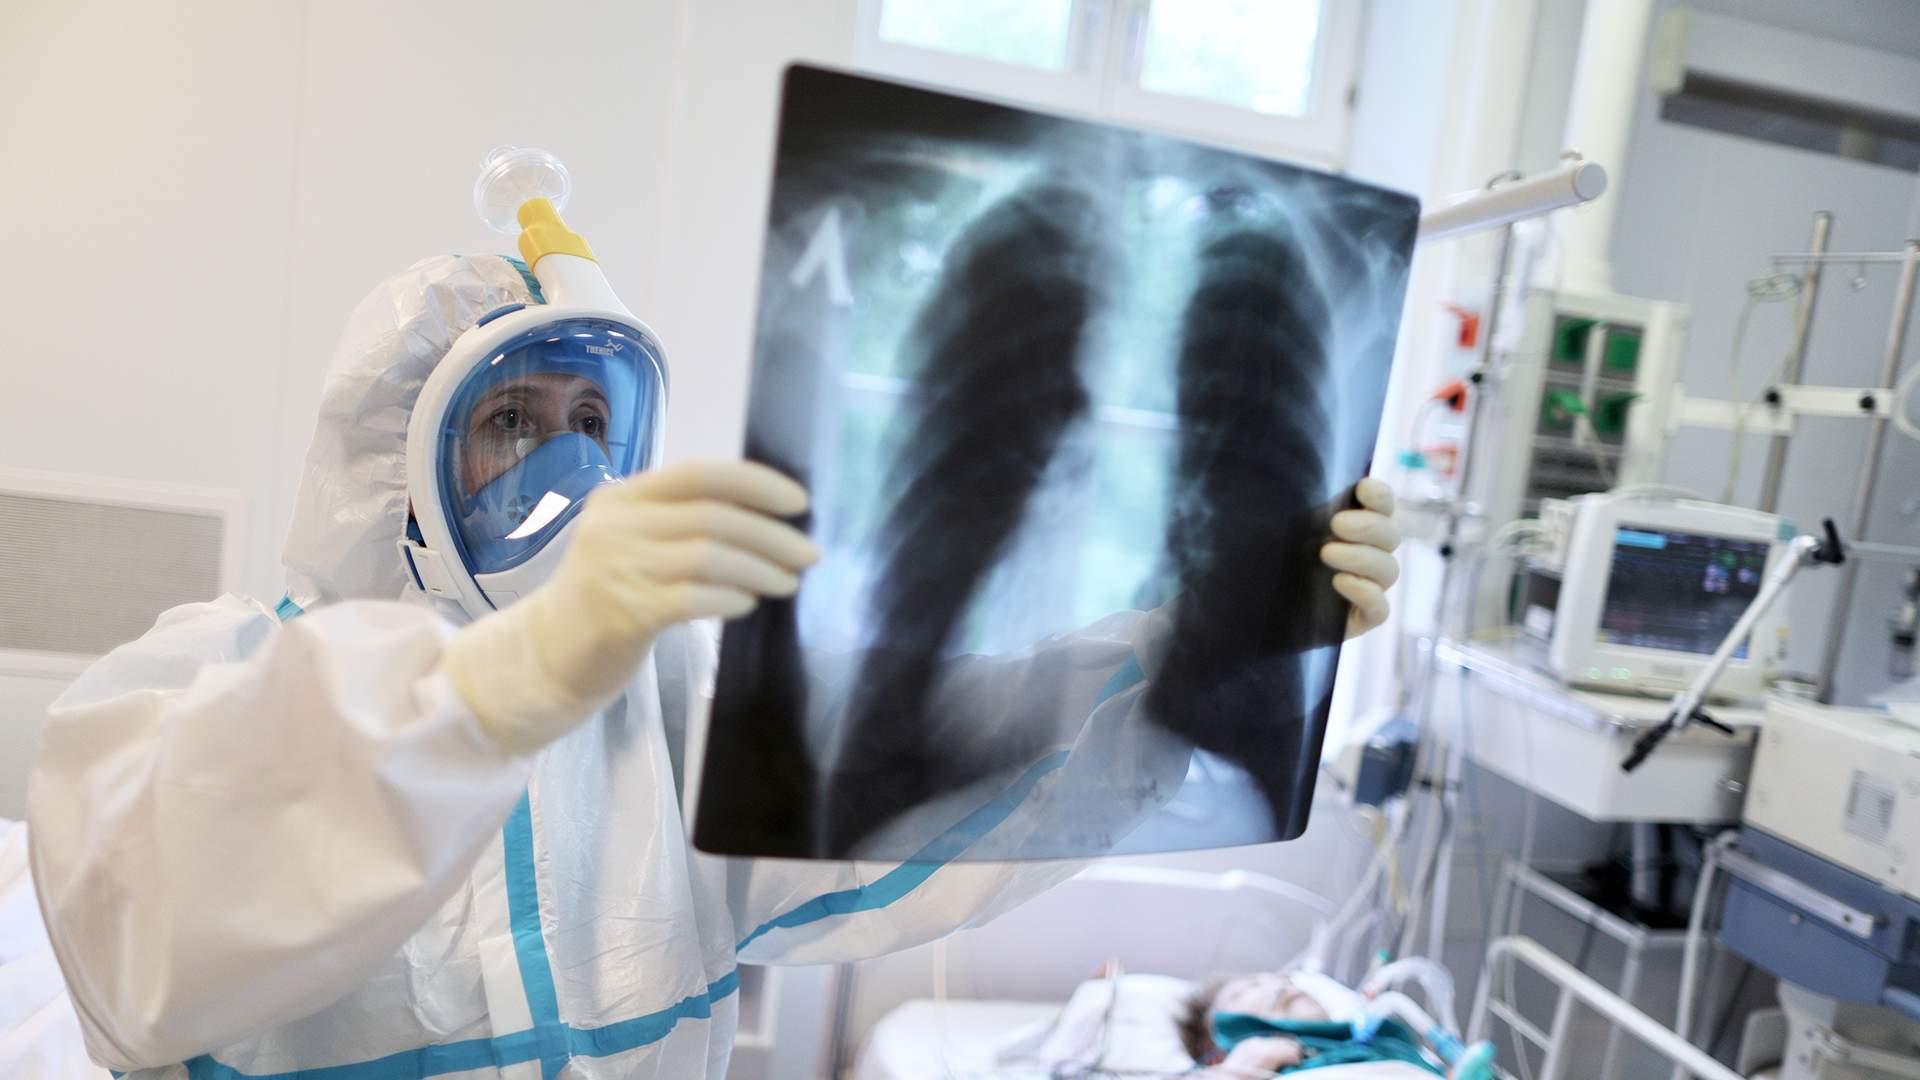 Перевести дыхание: найден метод сохранить легкие пациентов с COVID-19 |  Статьи | Известия